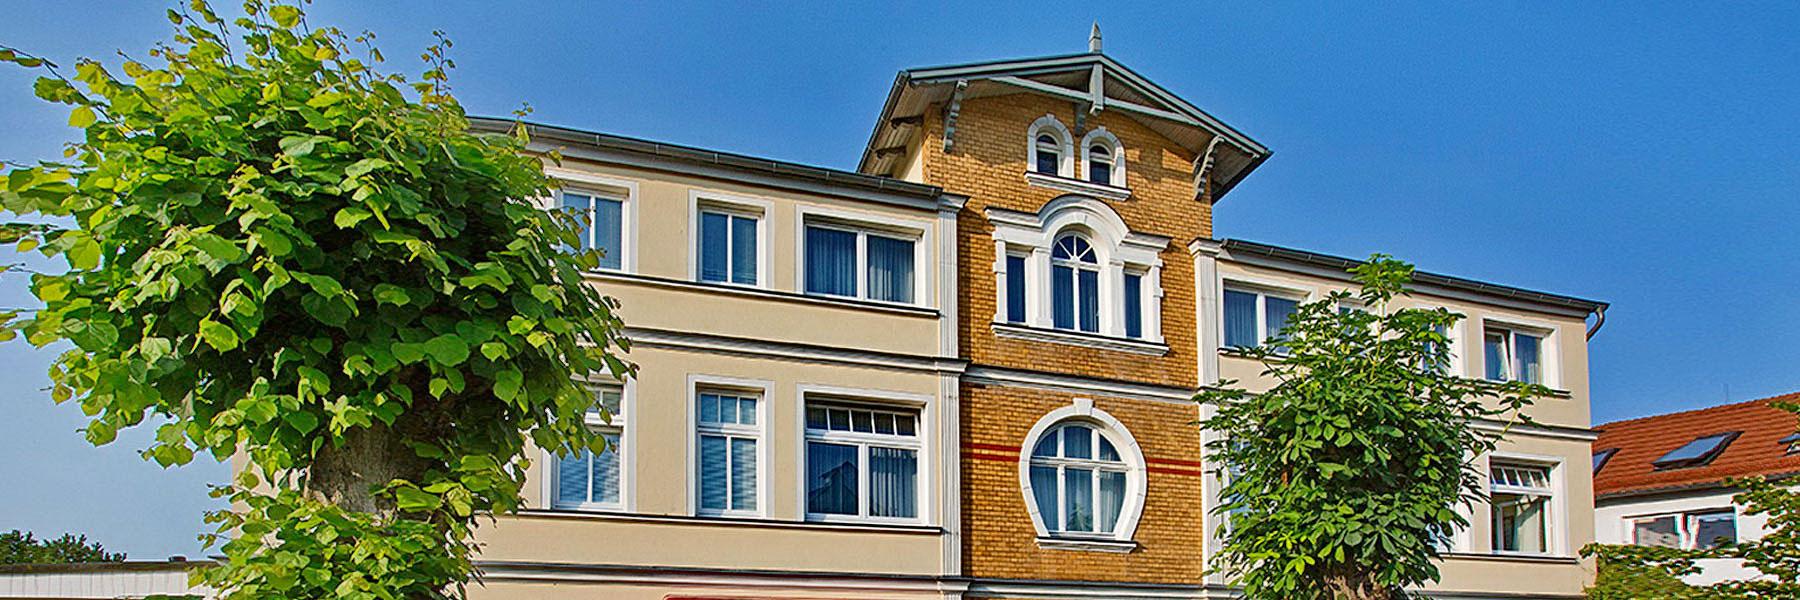 Vorderansicht - Villa Edda (Hotel Garni - Ferienwohnungen - Appartements)